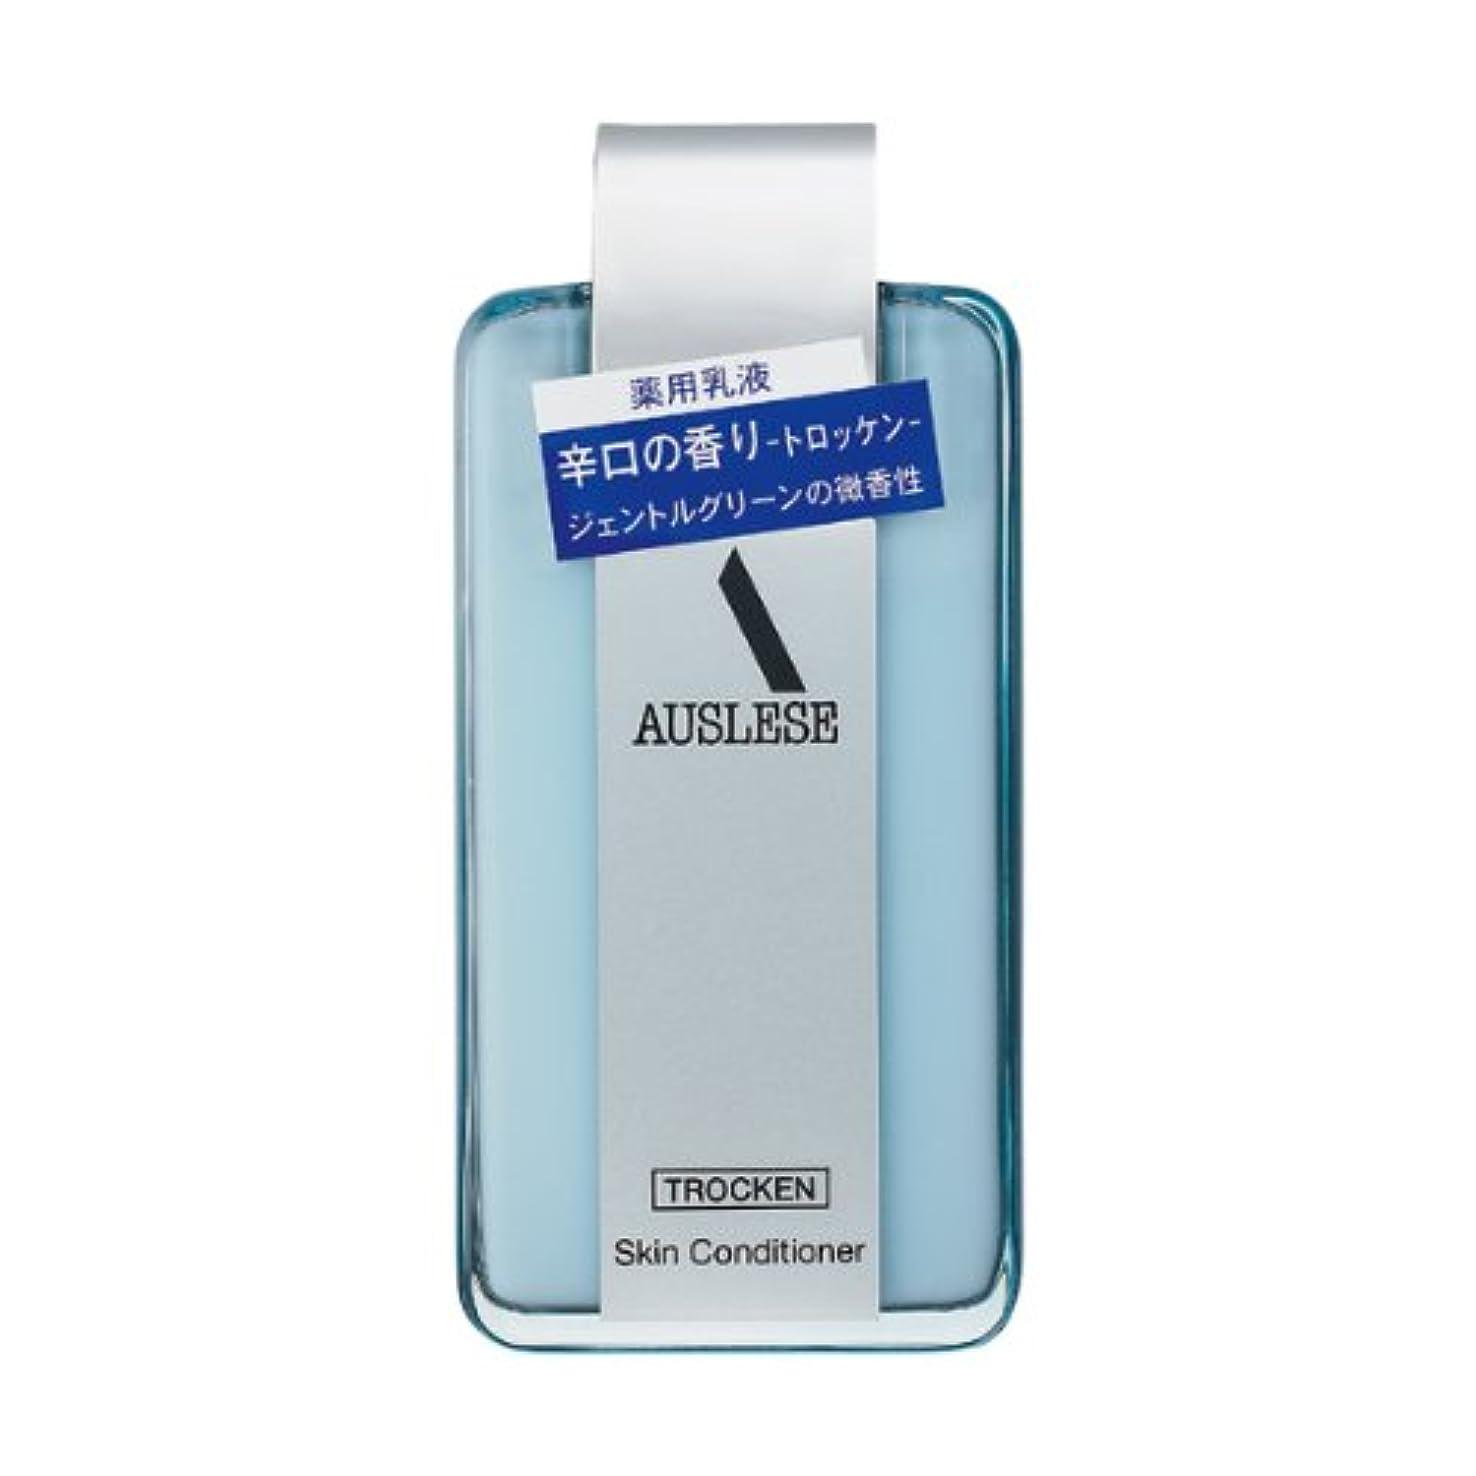 勘違いする修正する製品アウスレーゼ トロッケン スキンコンディショナー 120mL 【医薬部外品】